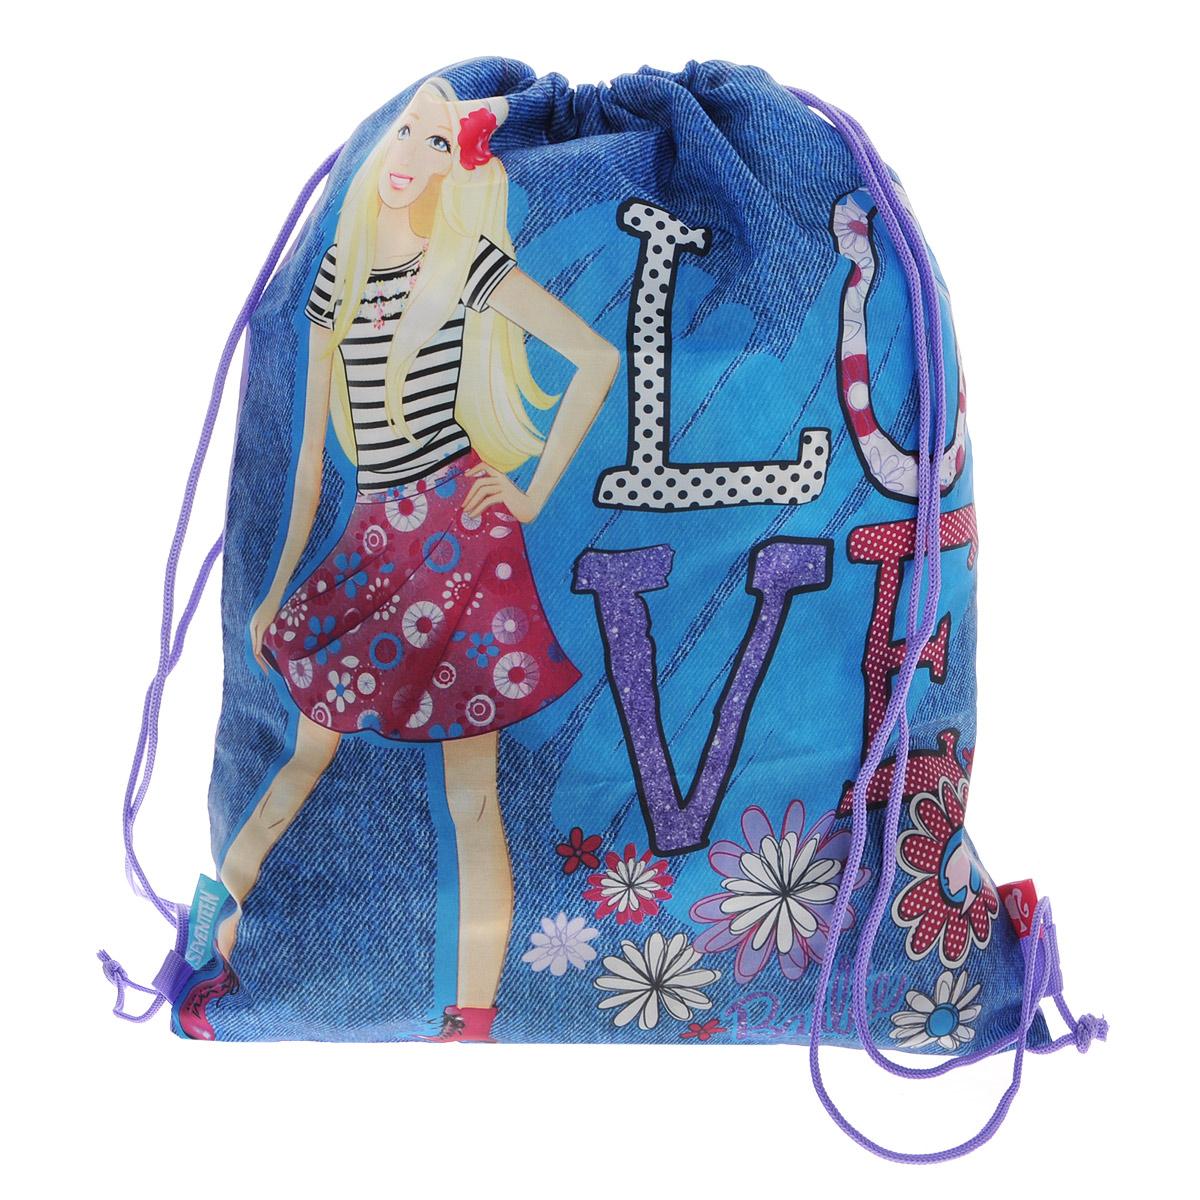 Barbie Сумка-рюкзак для обуви цвет синий BRCB-RT2-883BRCB-RT2-883Сумка для сменной обуви Barbie идеально подойдет как для хранения, так и для переноски сменной обуви и одежды. Сумка выполнена из прочного водонепроницаемого полиэстера и содержит одно вместительное отделение, затягивающееся с помощью текстильных шнурков. Шнурки фиксируются в нижней части сумки, благодаря чему ее можно носить за спиной как рюкзак. Изделие оформлено изображением любимой героини - красавицы Барби.